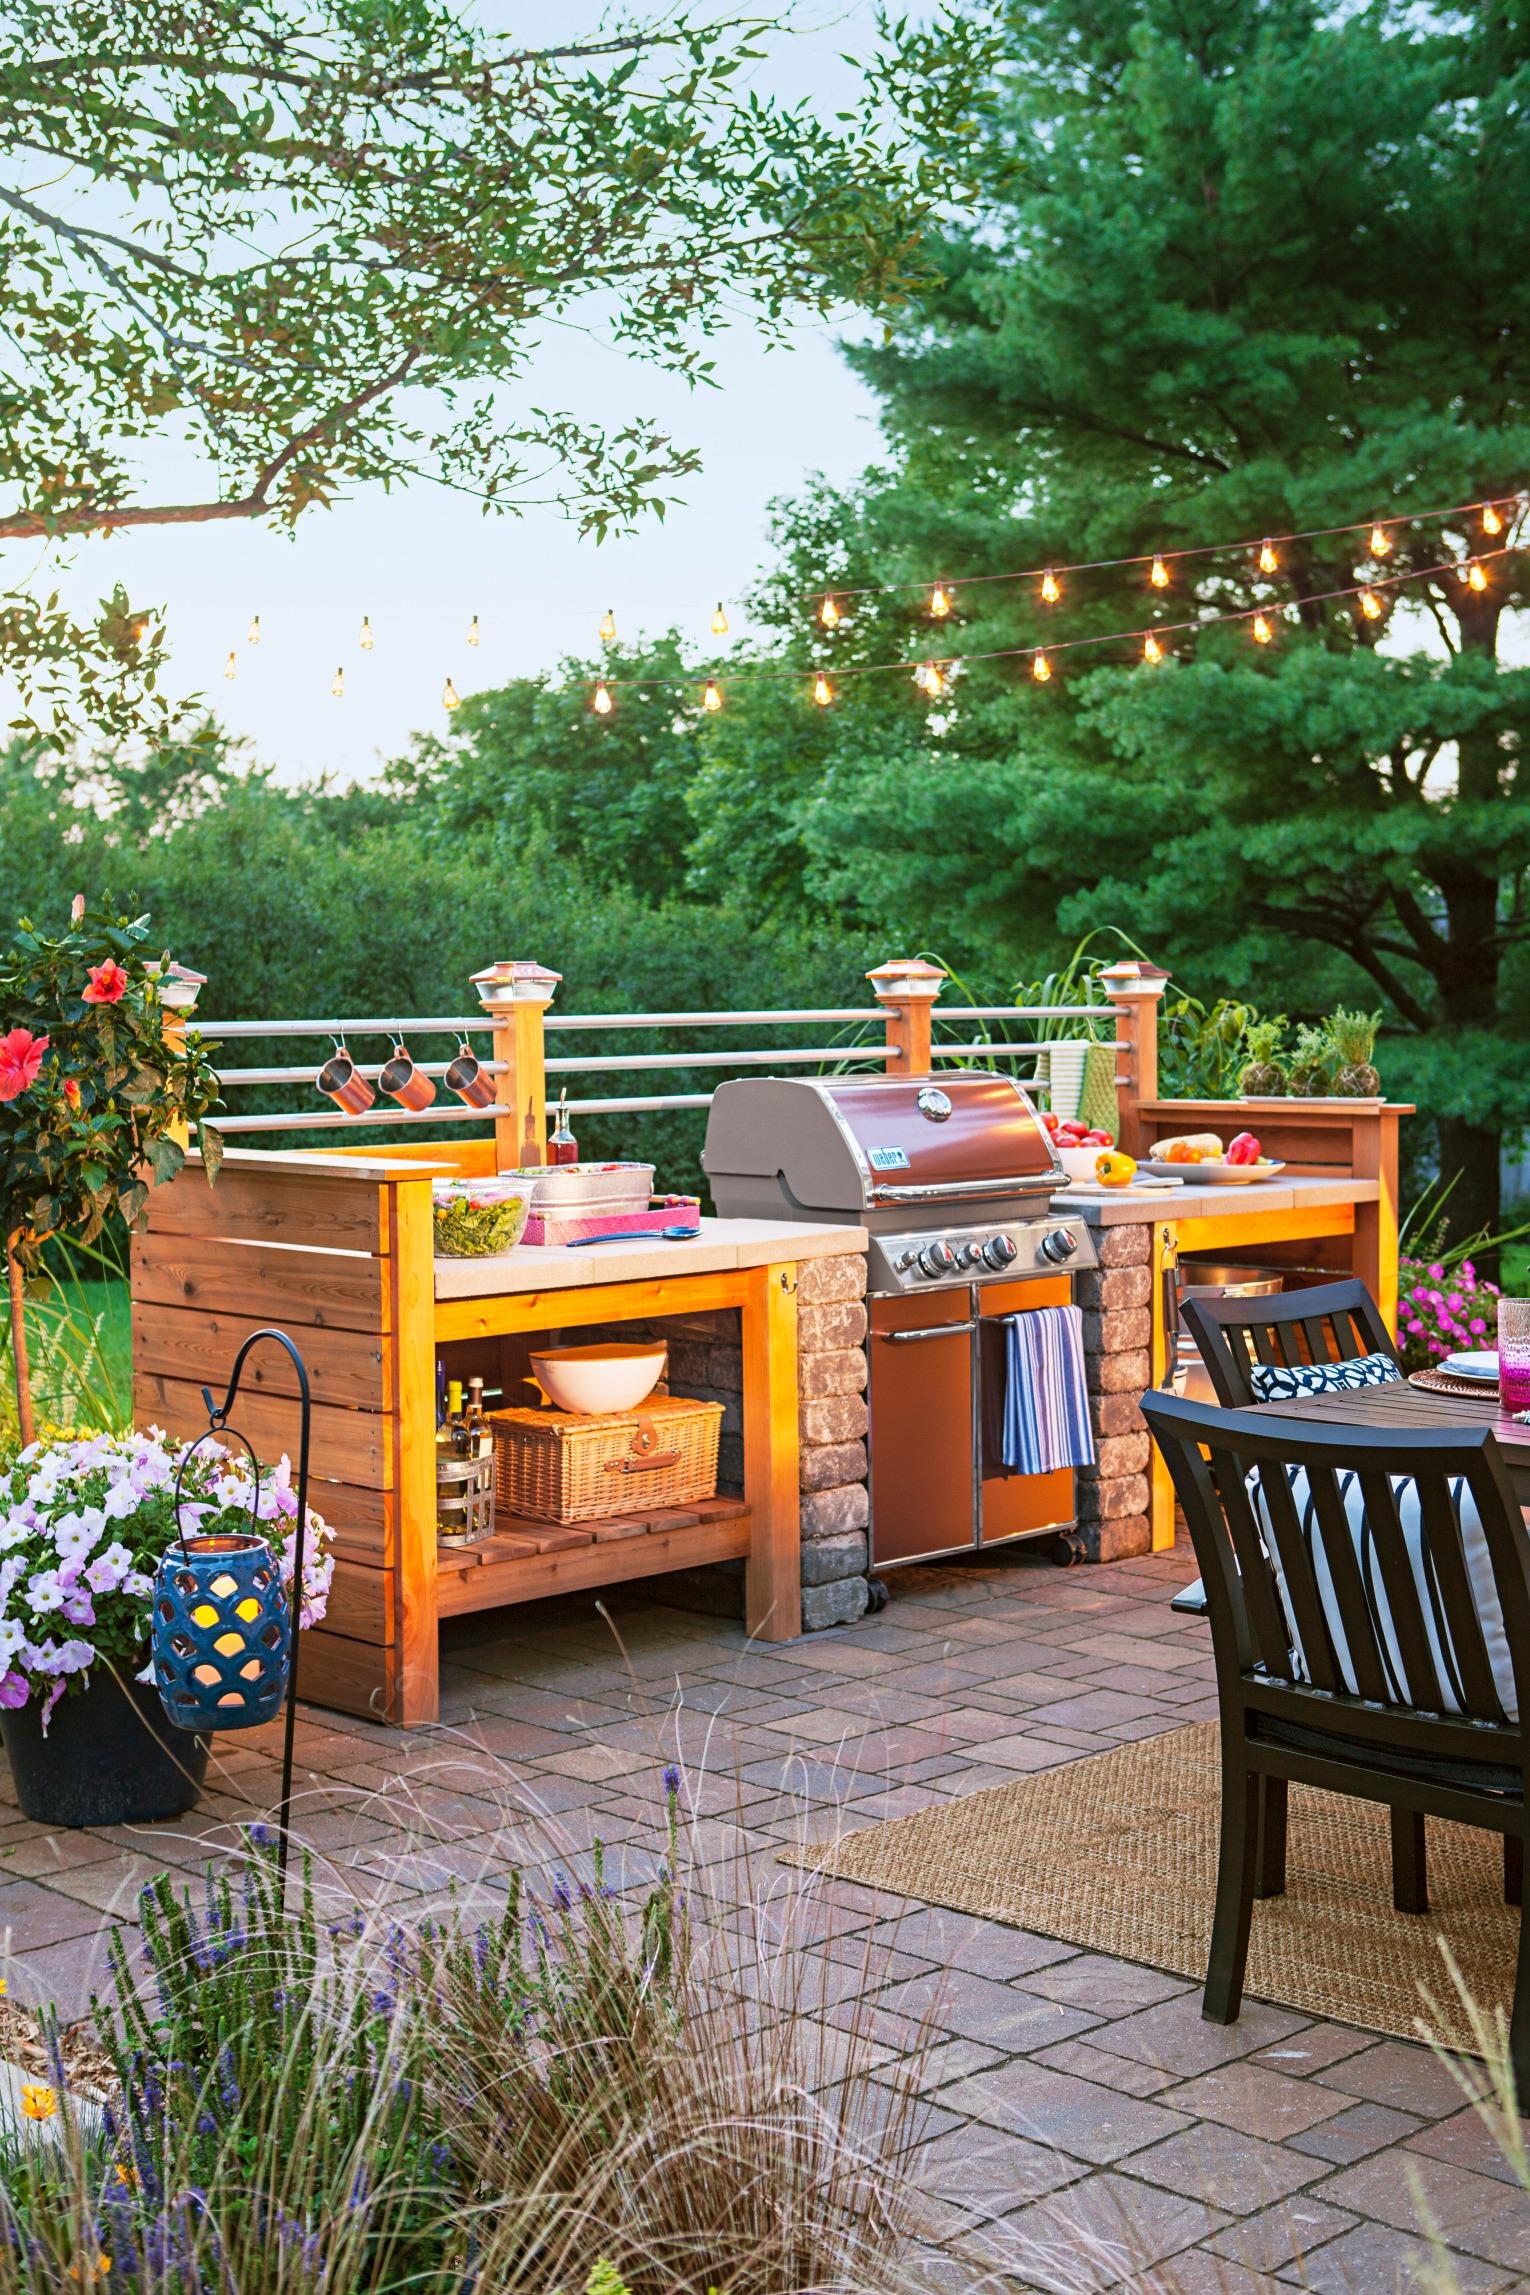 95 Cool Outdoor Kitchen Designs - DigsDigs on Yard Kitchen Design id=51886